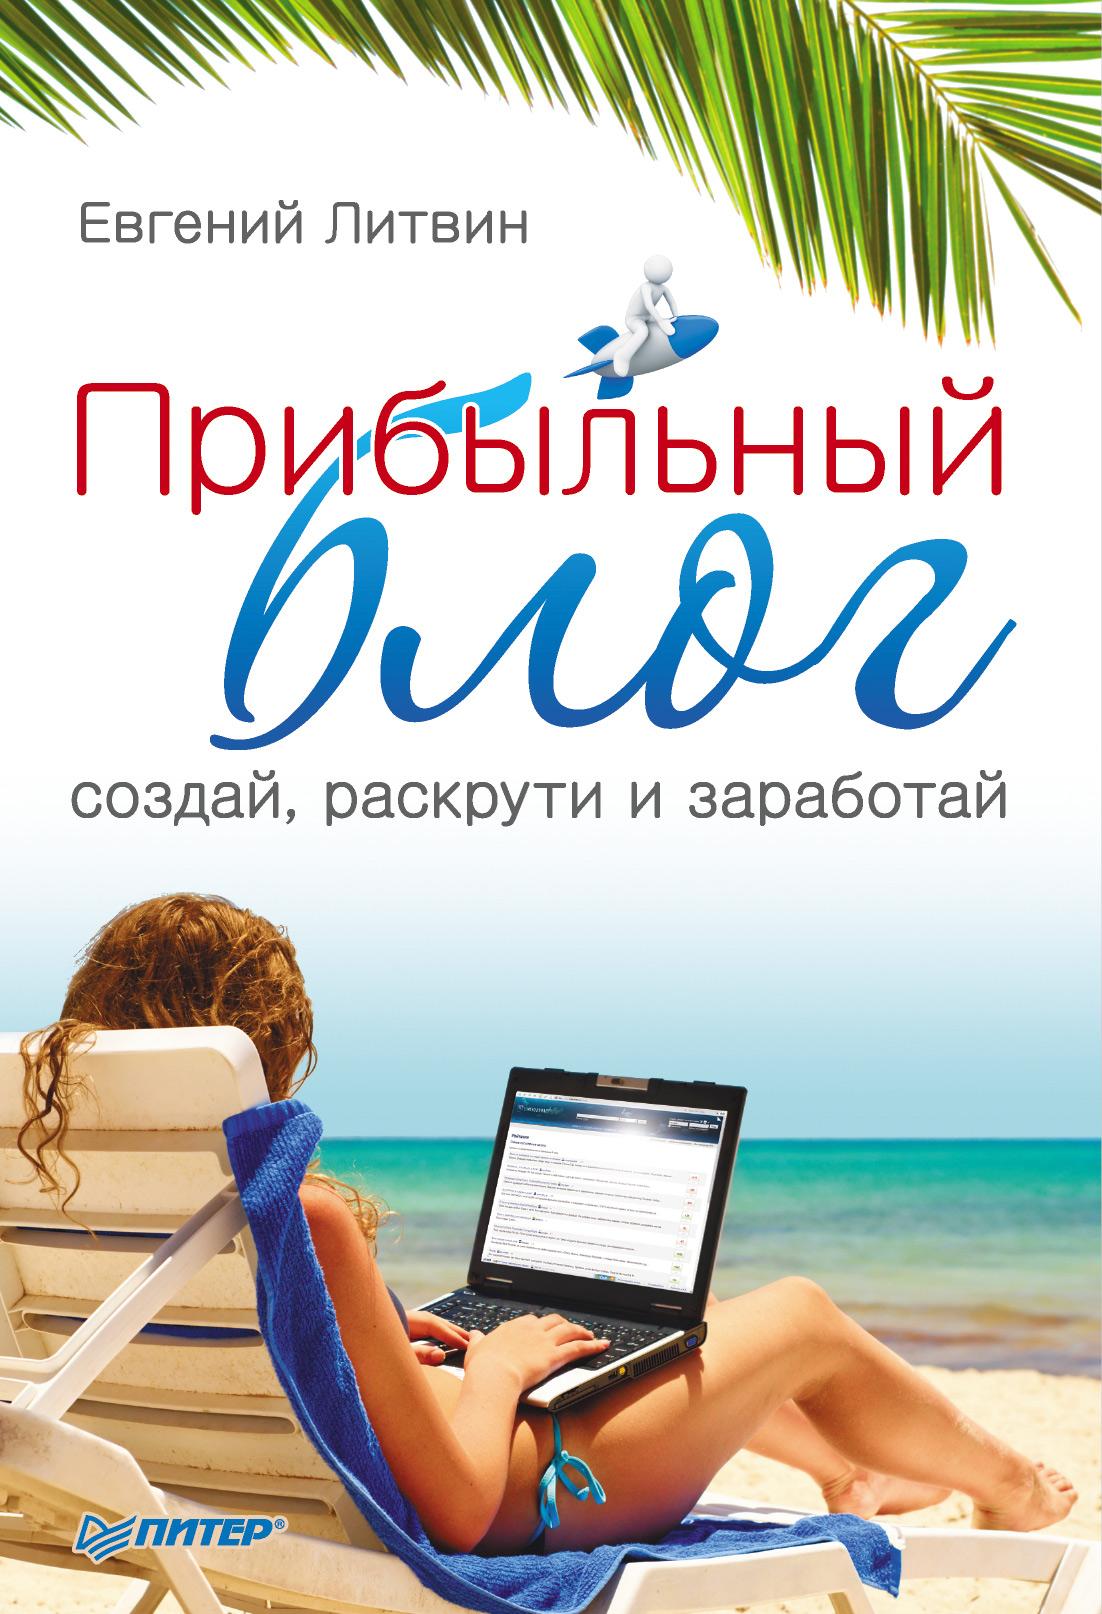 Евгений Литвин Прибыльный блог: создай, раскрути и заработай алиона хильт как раскрутить блог в instagram лайфхаки тренды жизнь